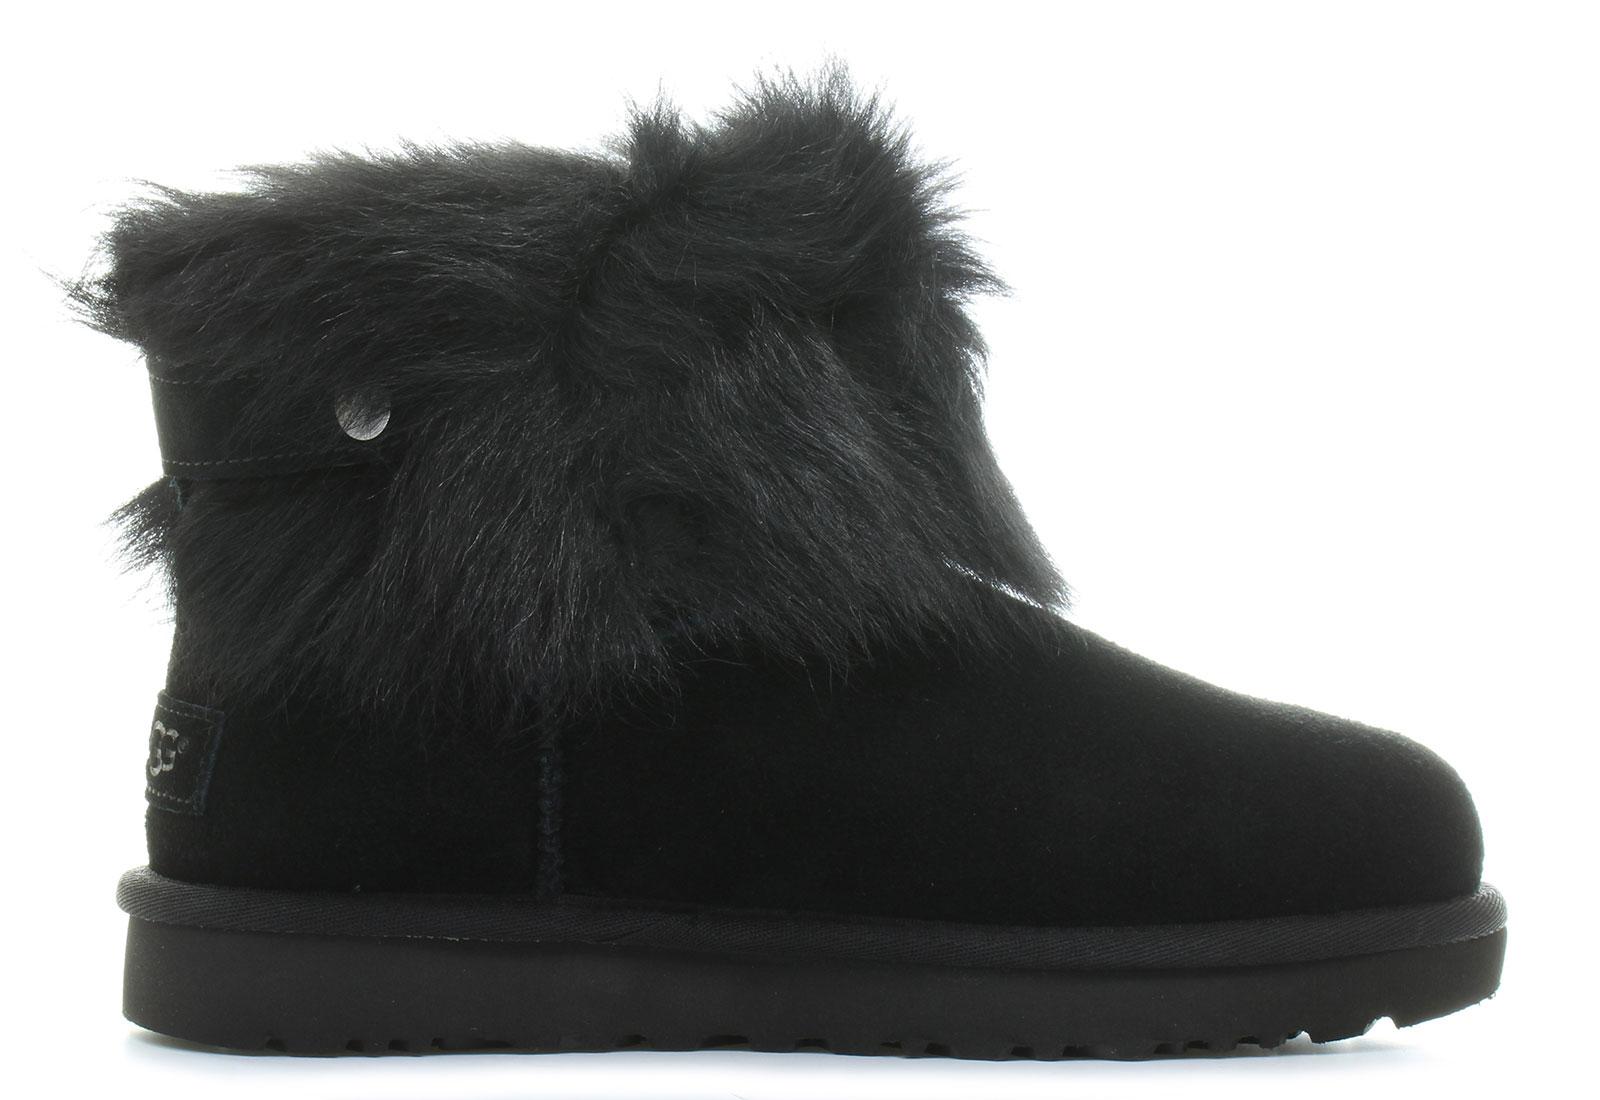 Ugg Boots Valentina 1012388 Blk Online Shop For